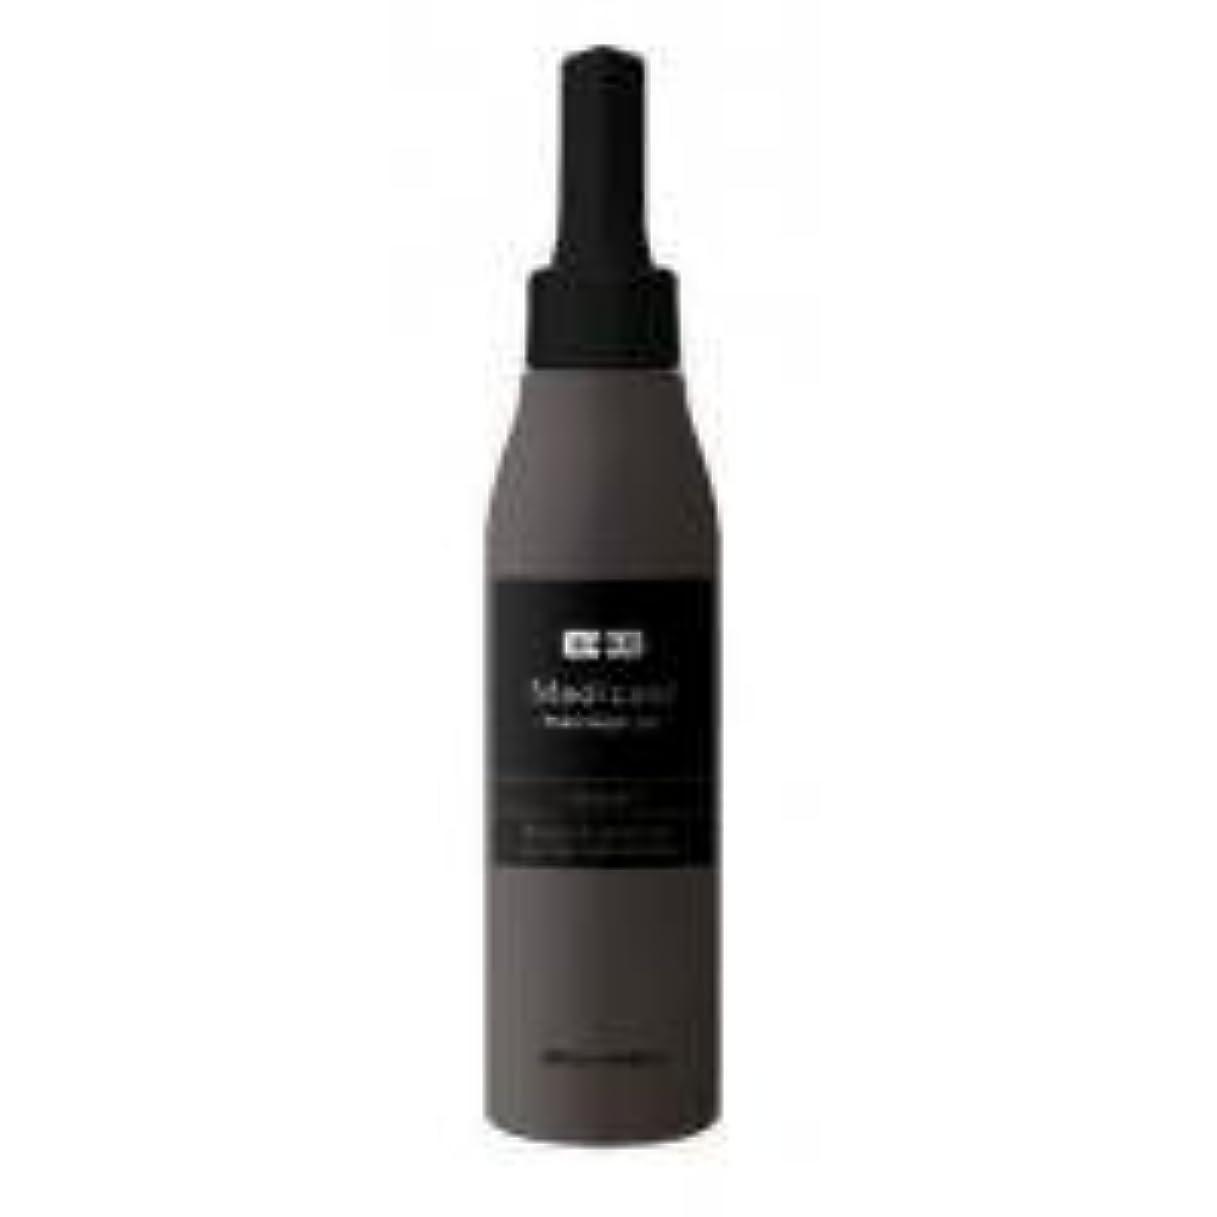 調整可能半径気分が悪いメディクール103416-MDC-BK(ブラック)